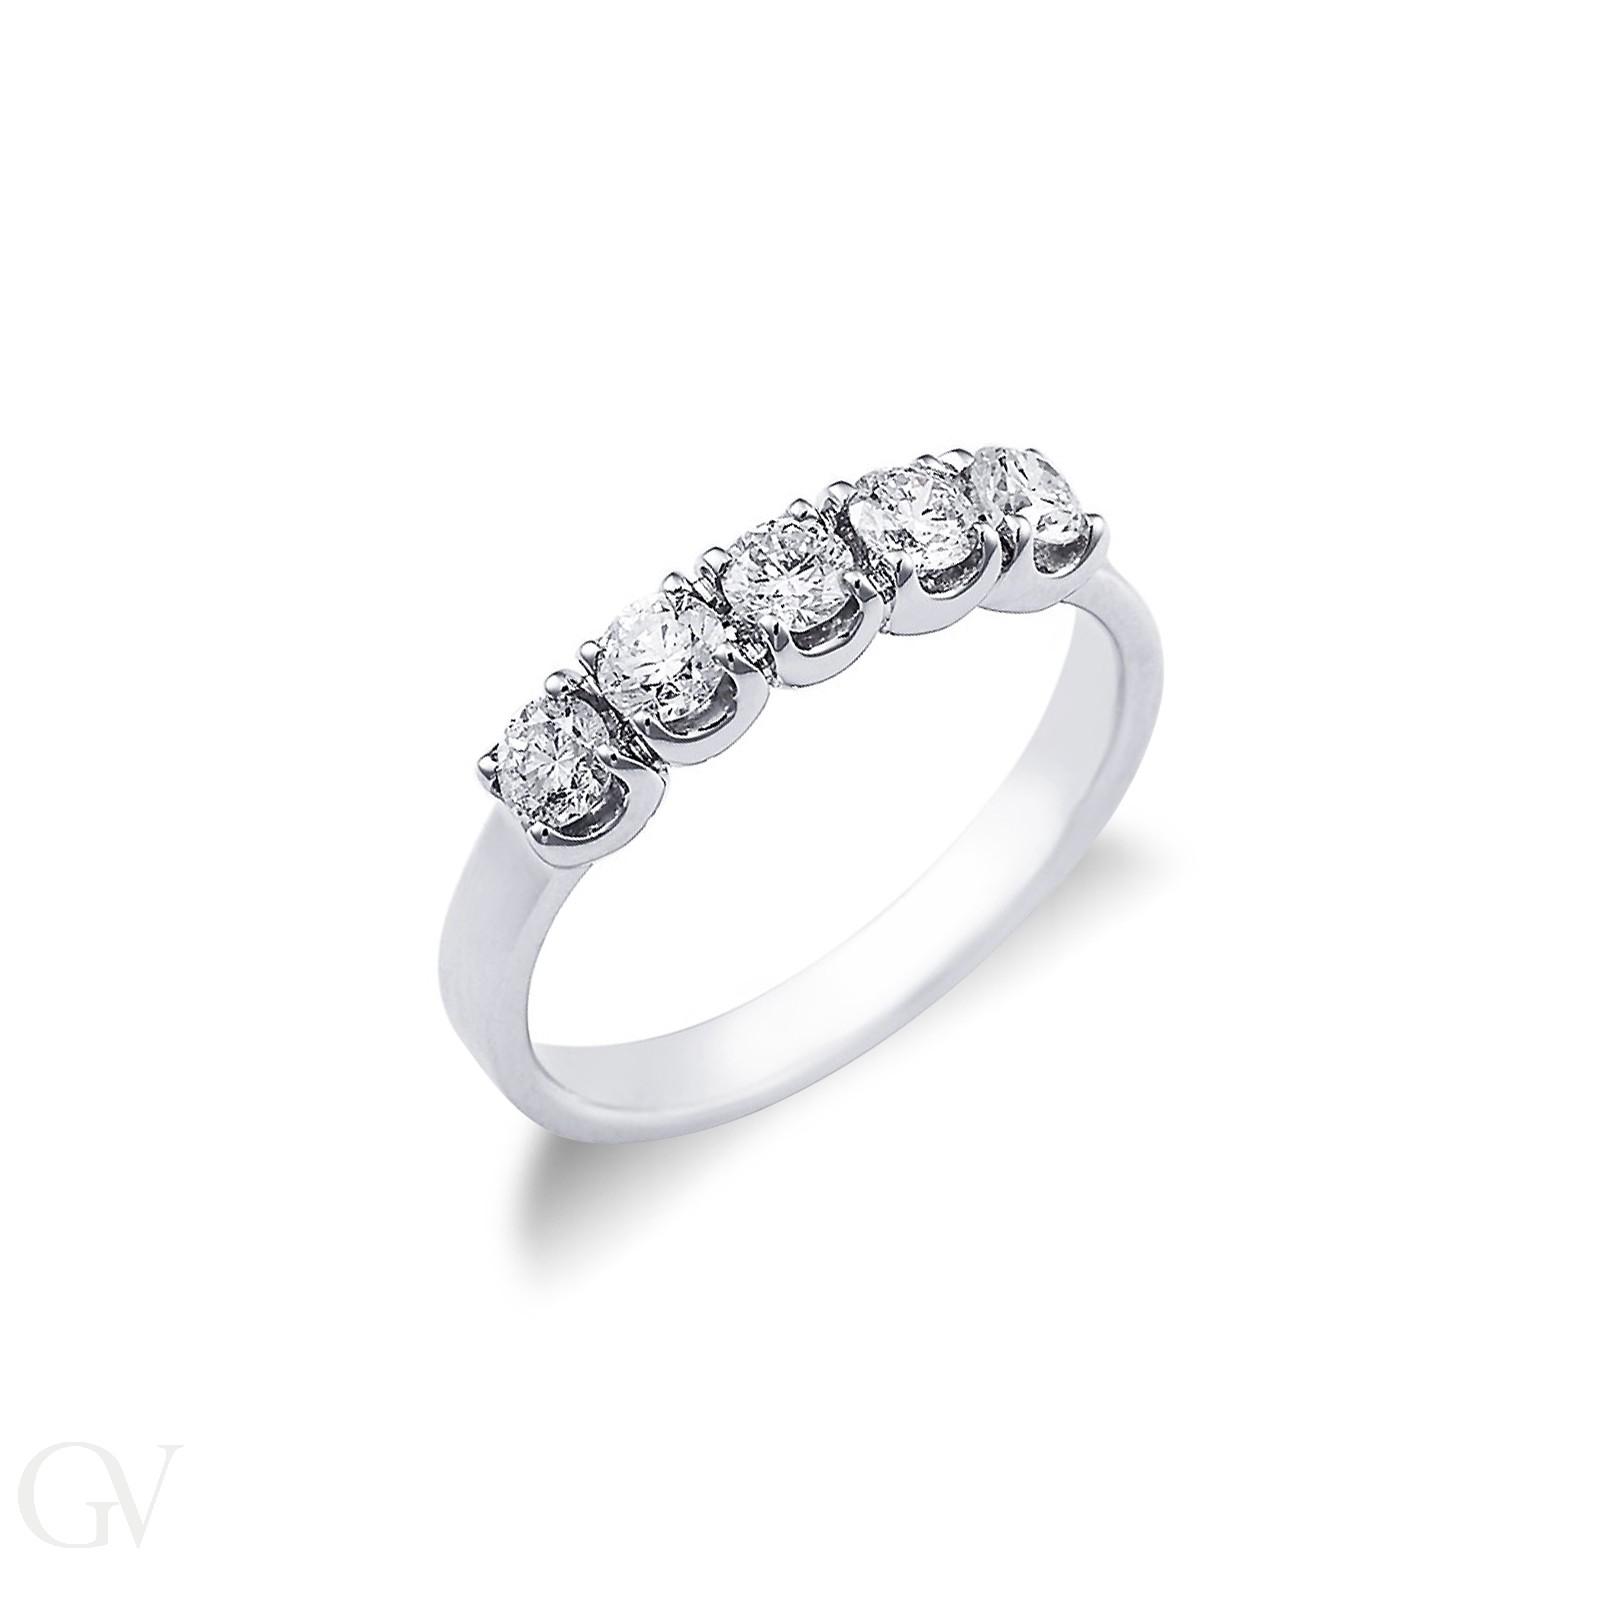 Anello Veretta a 5 pietre in Oro bianco 18k con diamanti ct. 0,60